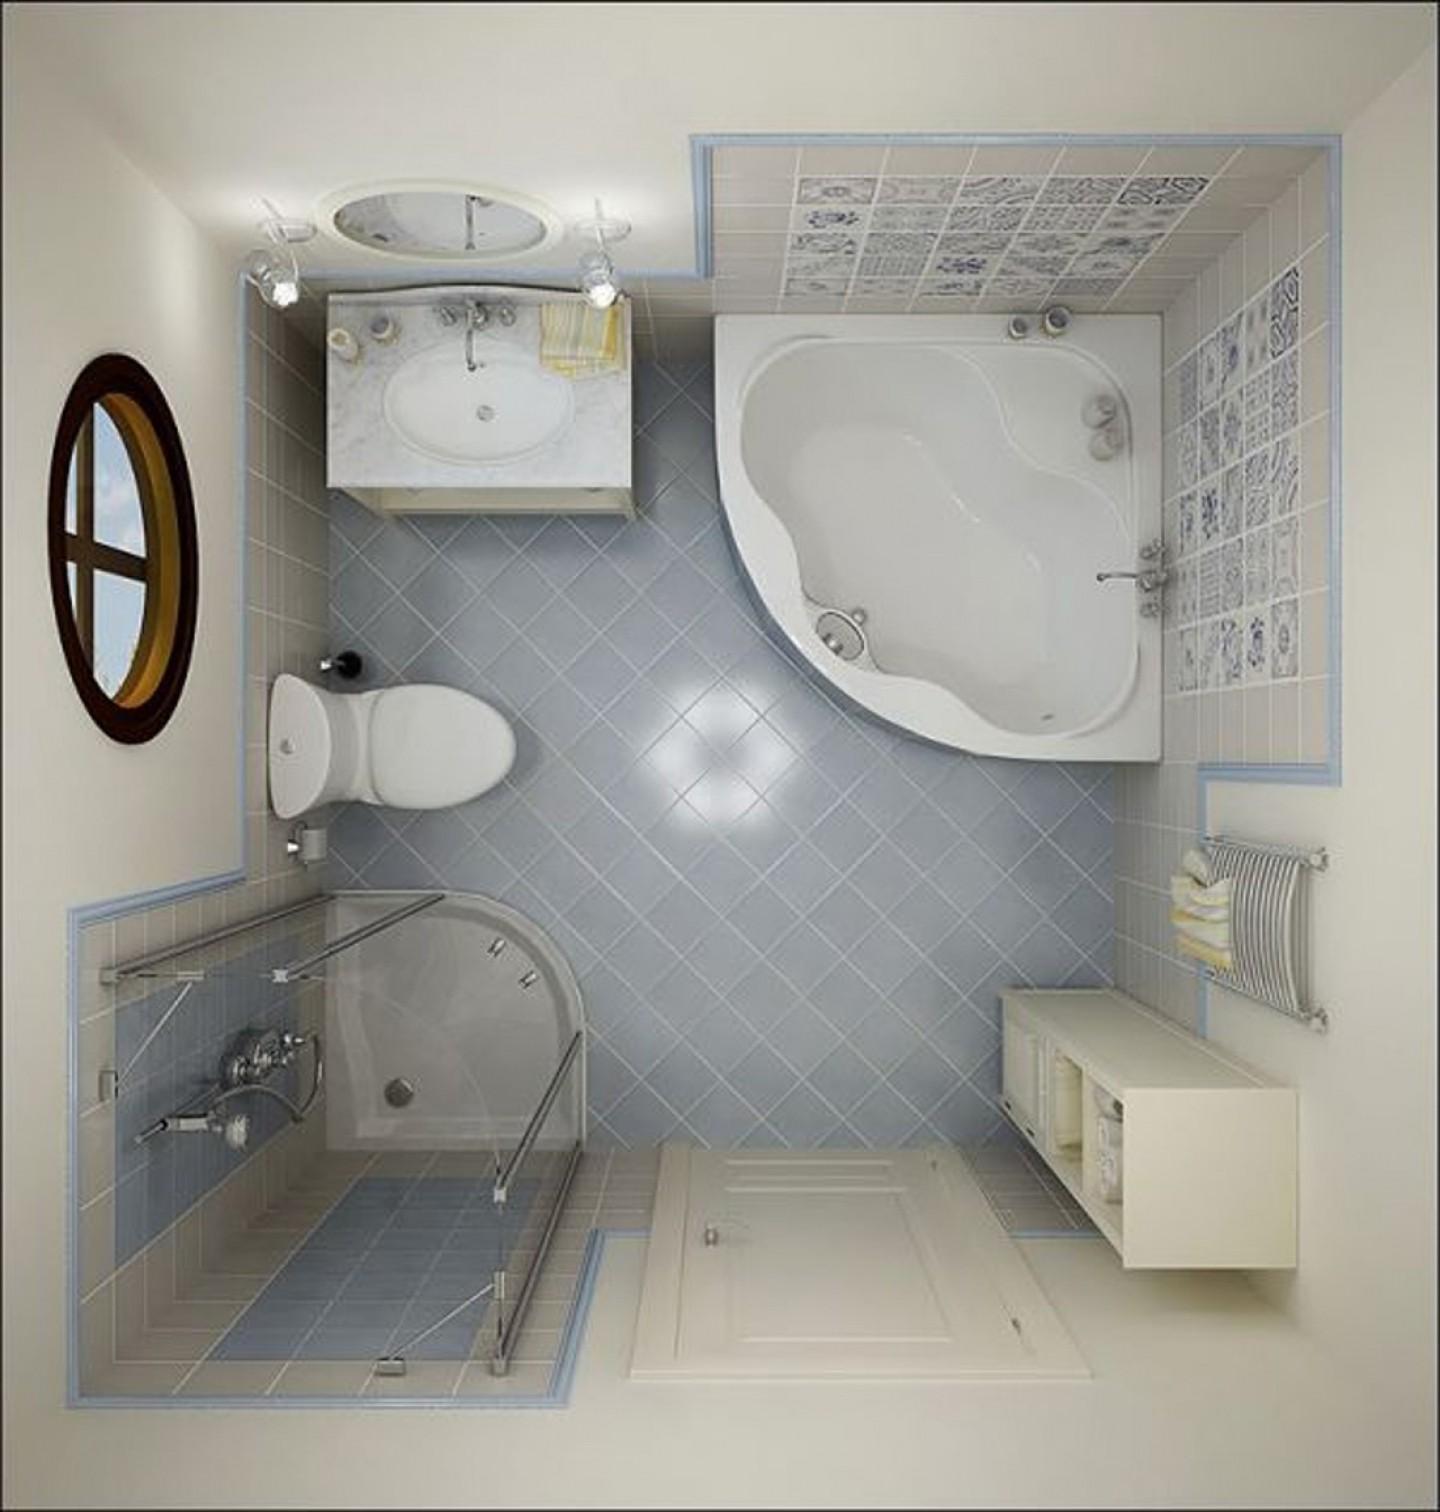 Corner Bathtub Shower - How To Choose The Best? - Foter